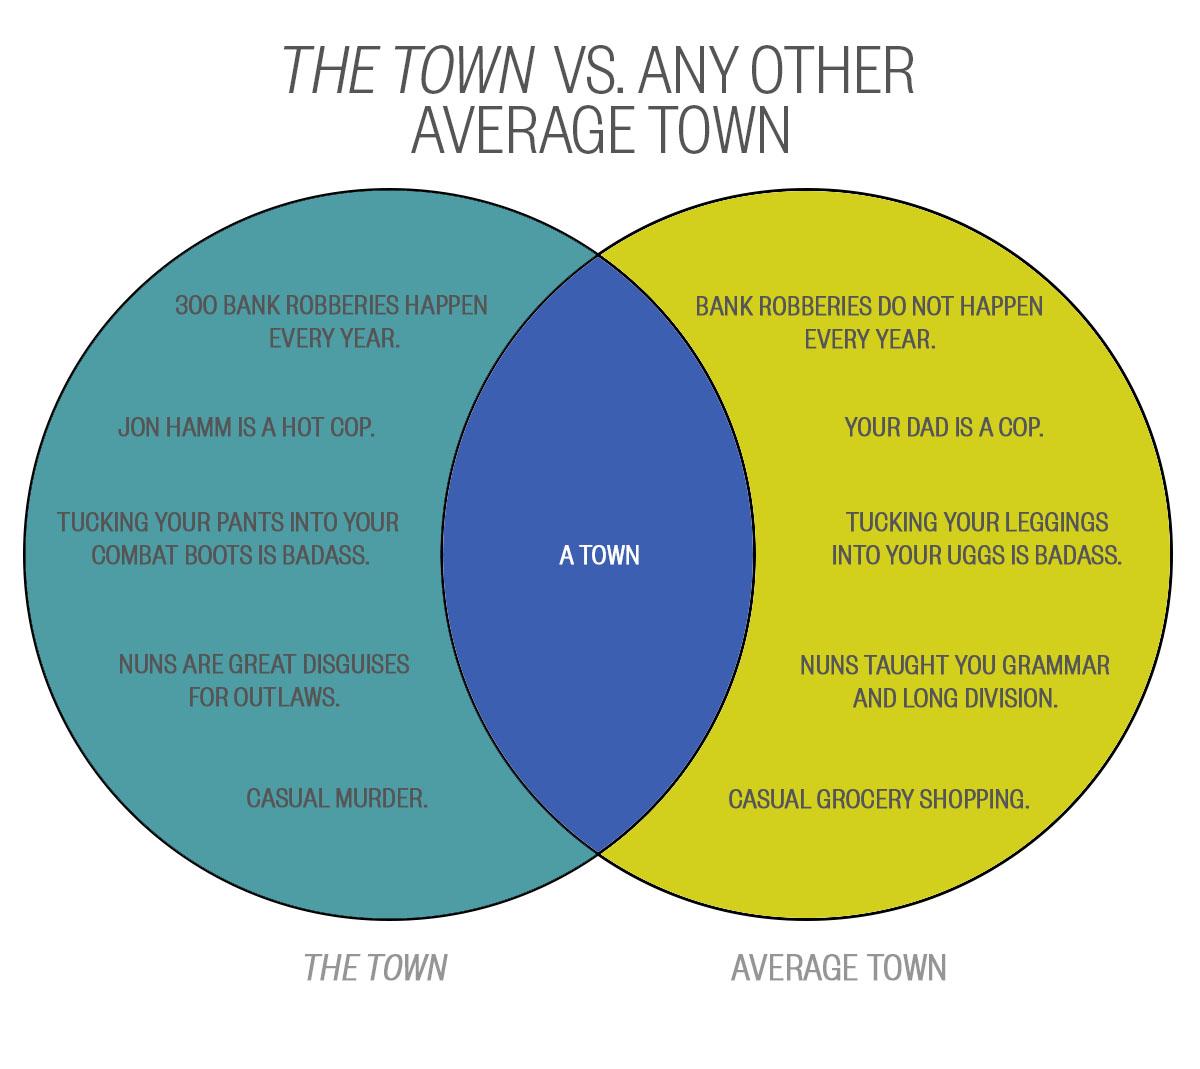 THE TOWN VENN DIAGRAM